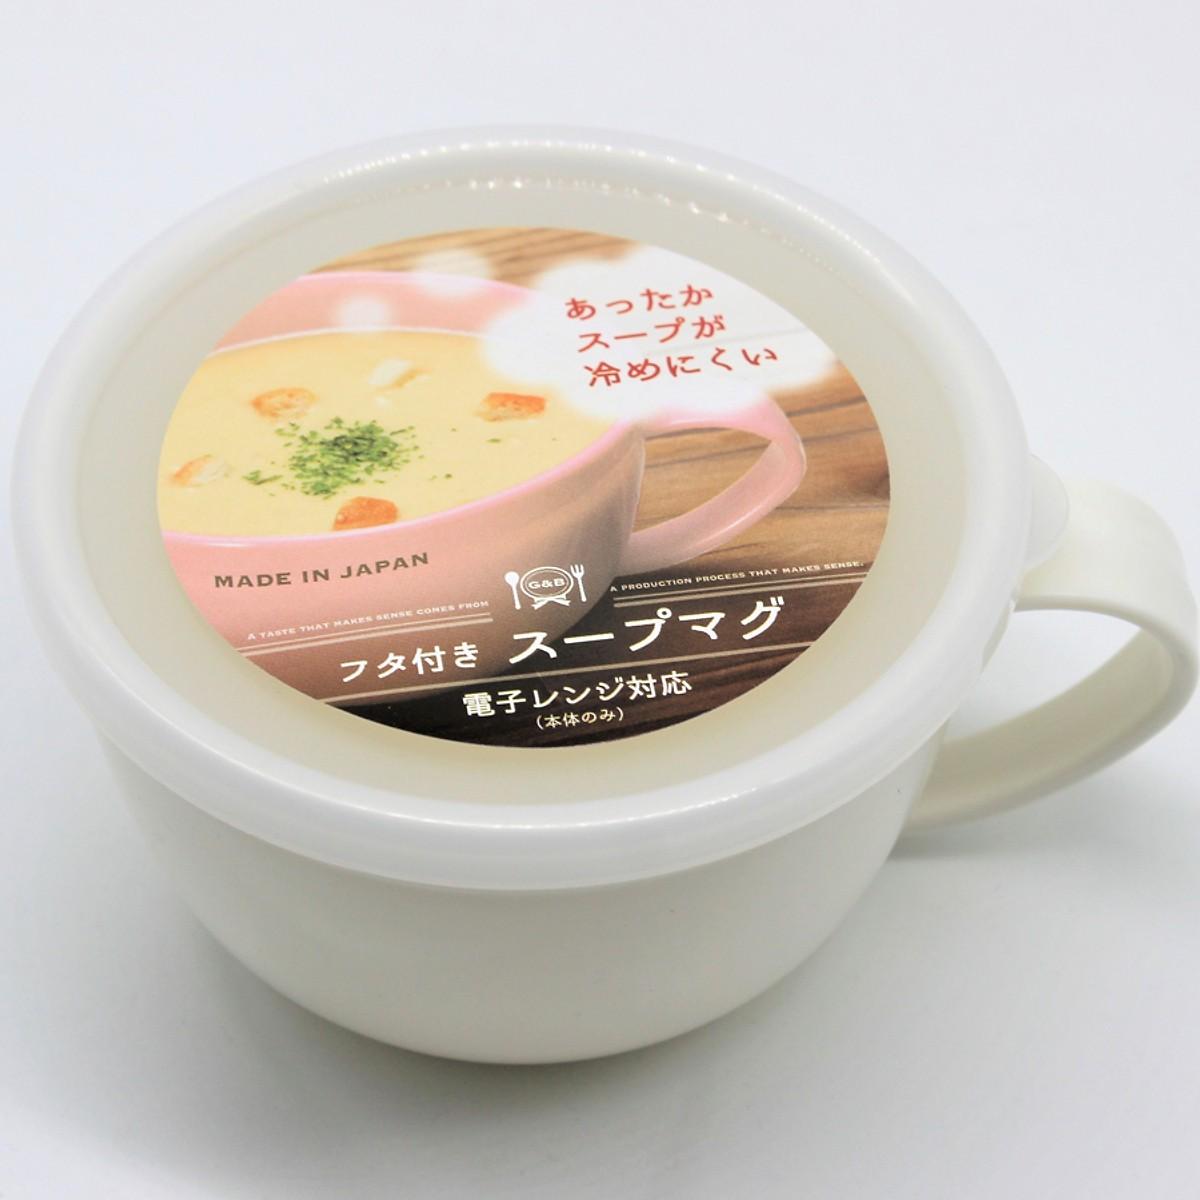 Cốc súp đa năng có nắp đậy 360ml sử dụng được trong lò vi sóng hâm sữa, đồ ăn nhập khẩu nhật bản- màu ngẫu nhiên